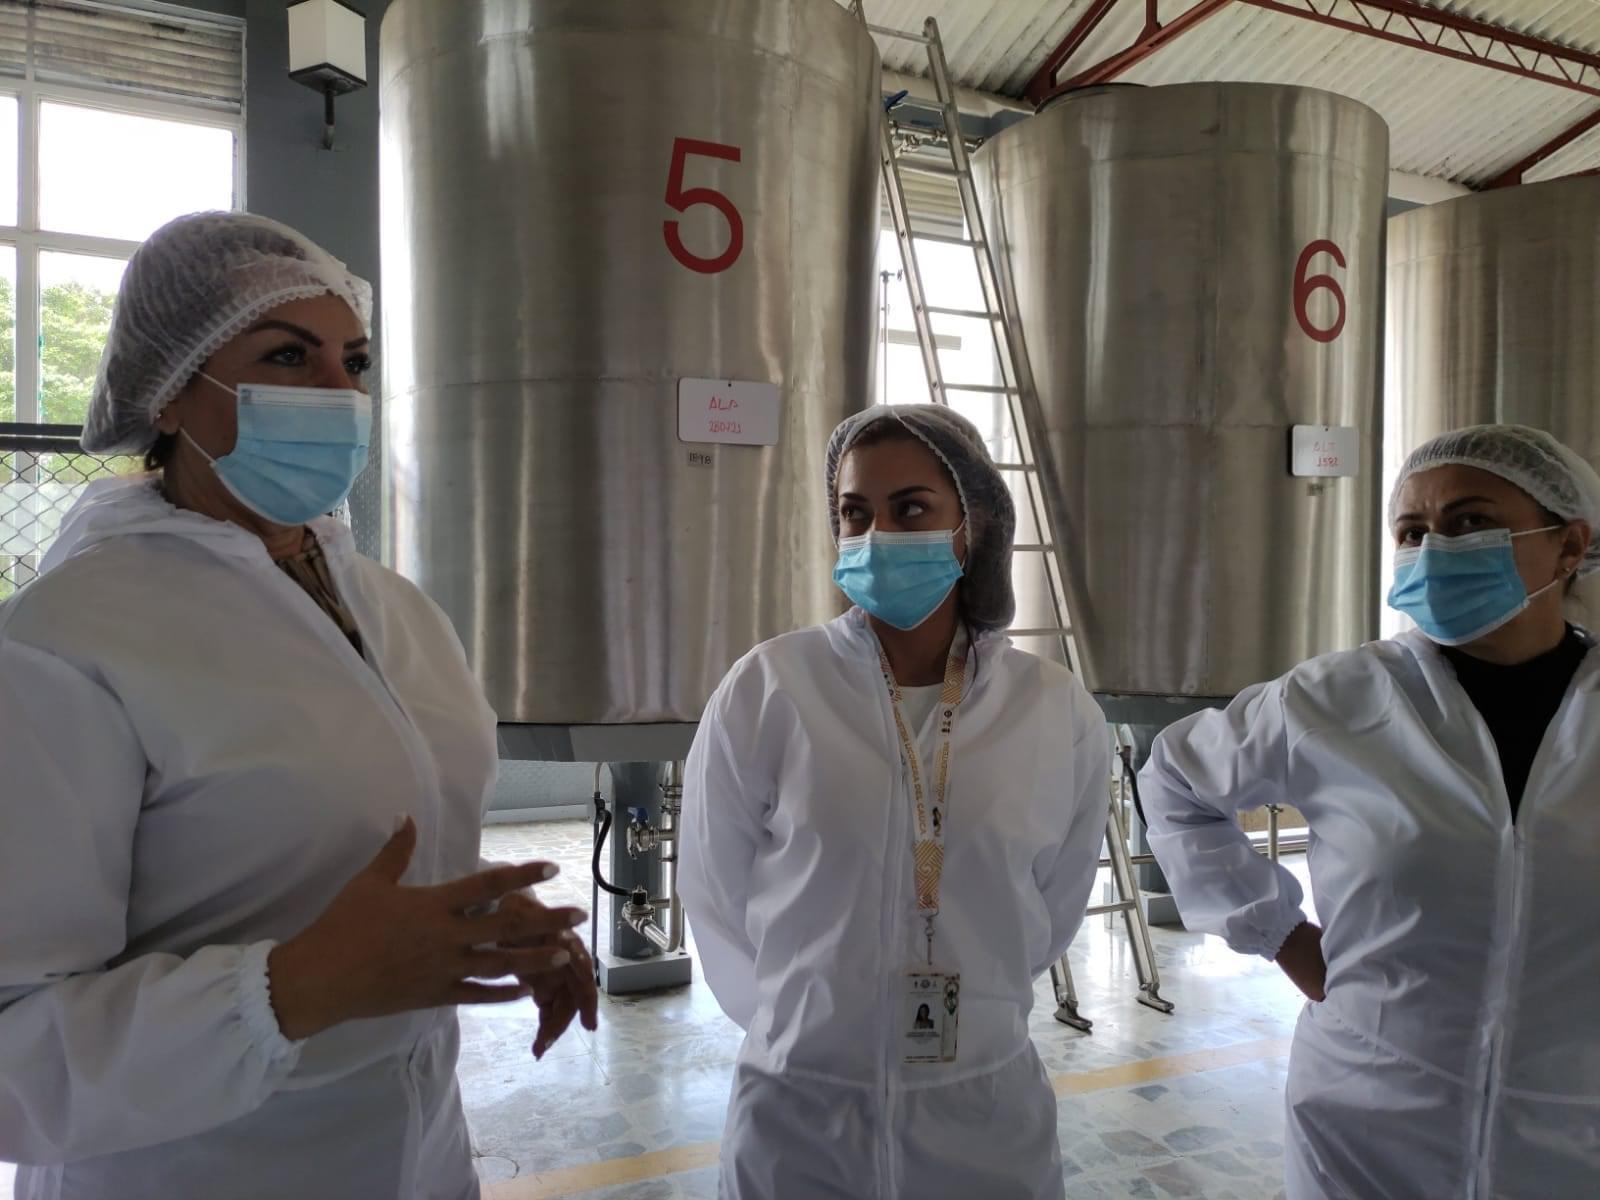 La Industria Licorera del Cauca y la Nueva Licorera de Boyacá intercambiaron experiencias - Noticias de Colombia